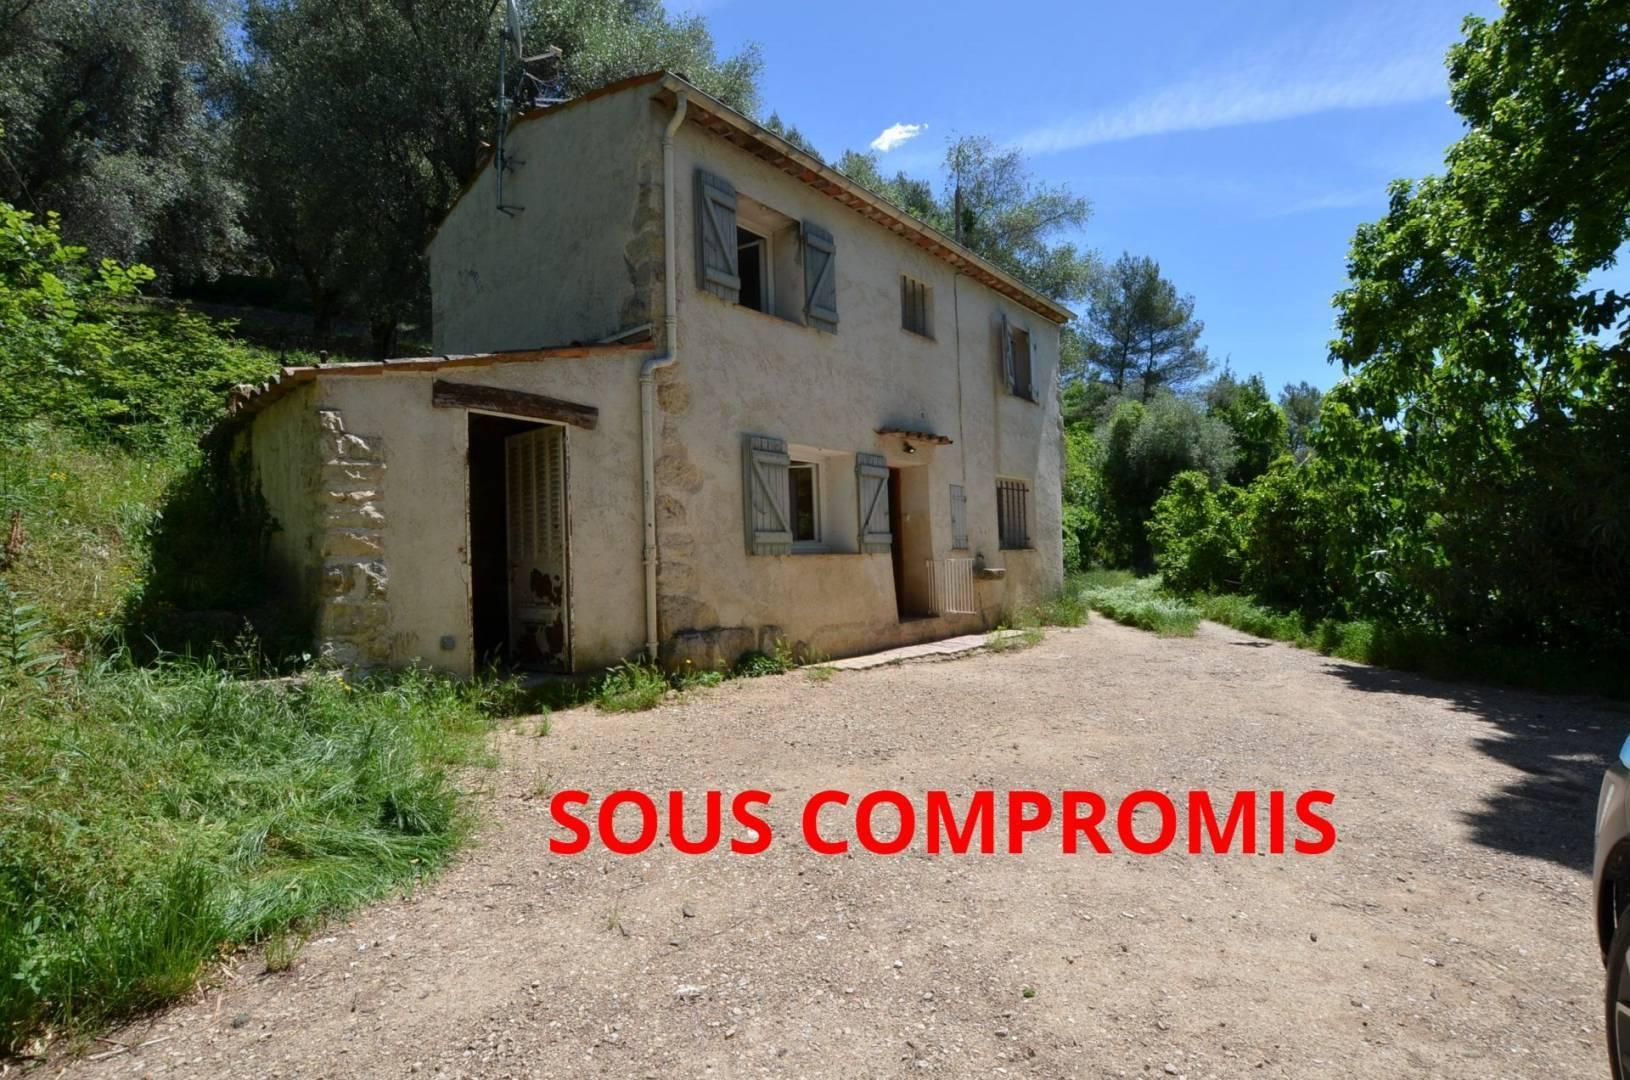 1 18 Tourrettes-sur-Loup